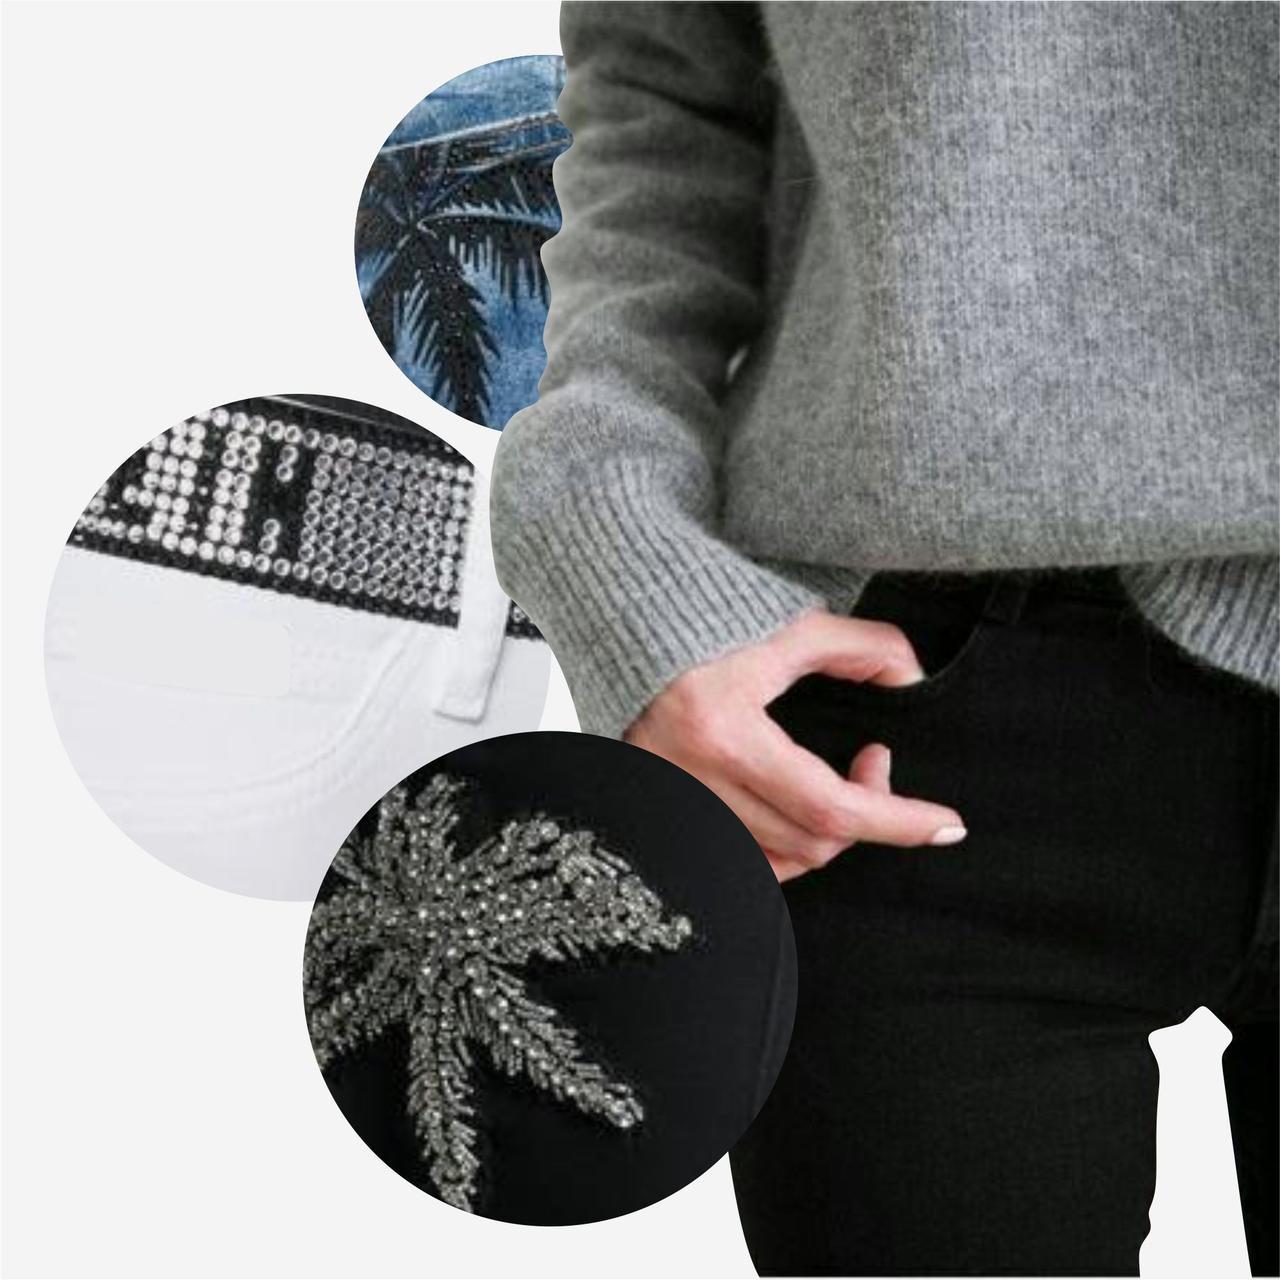 Подбор/Разработка дизайнов декора для женских брюк, джинс, шорт (фото в описании)